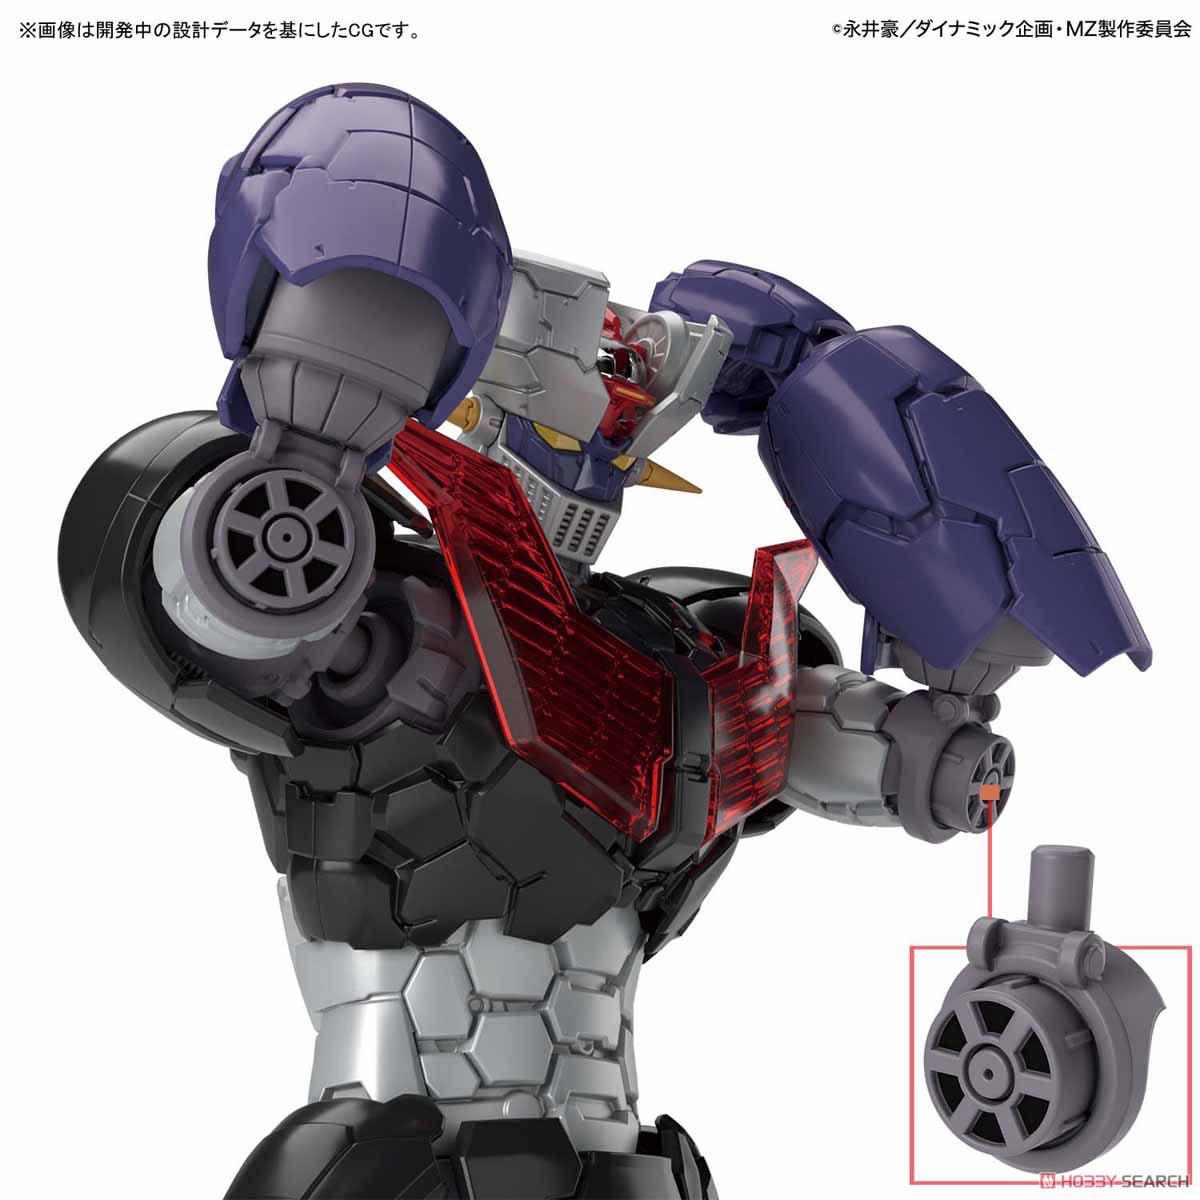 【再販】HG 1/144『マジンガーZ(マジンガーZ INFINITY Ver.)』プラモデル-005